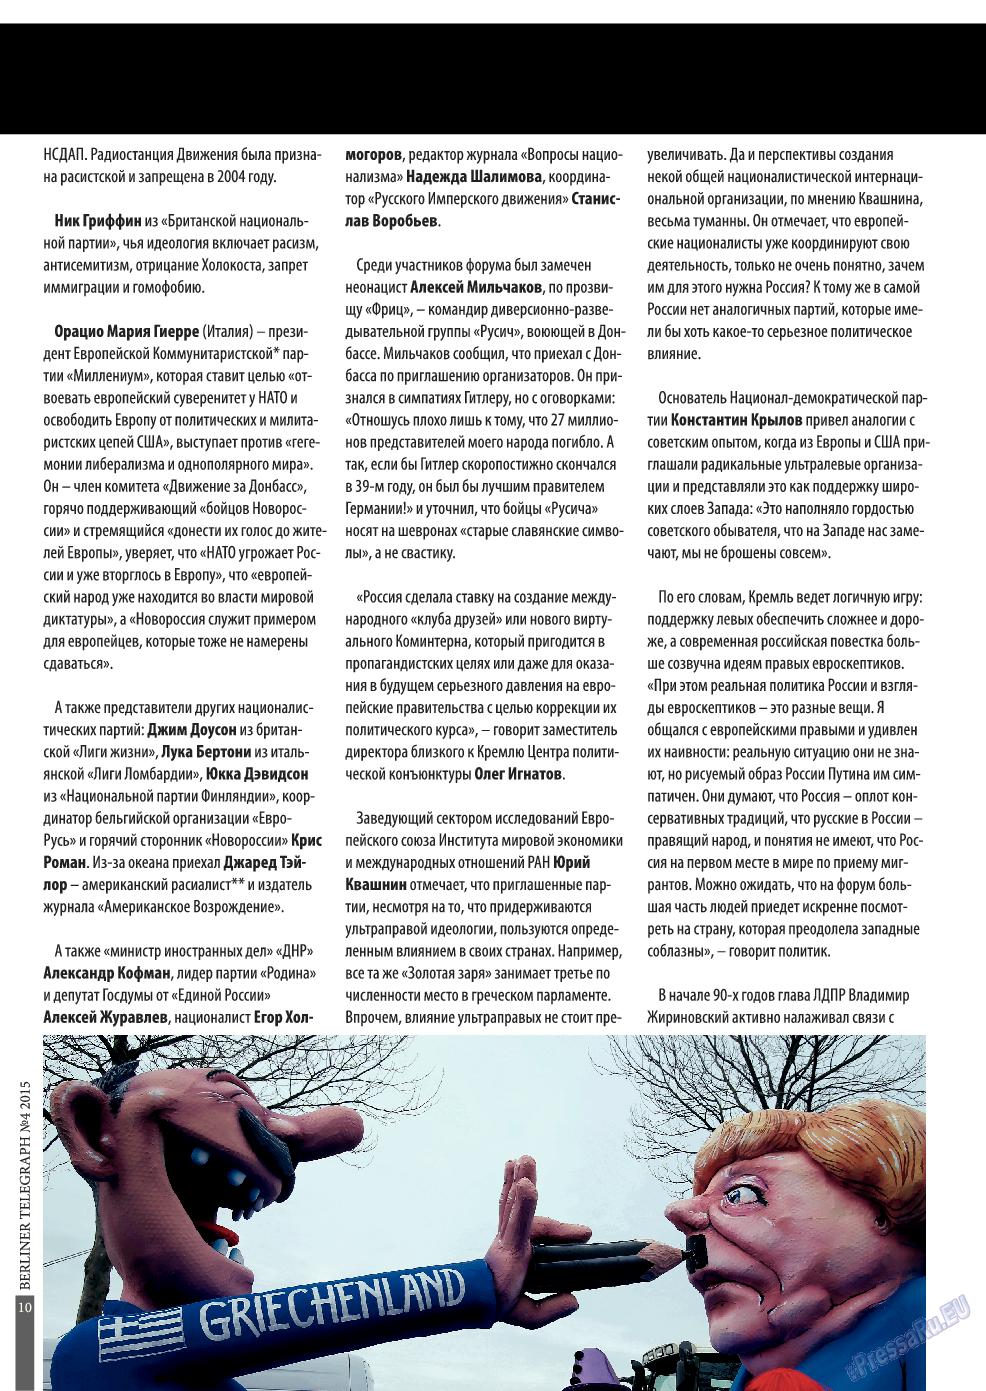 Берлинский телеграф (журнал). 2015 год, номер 4, стр. 10